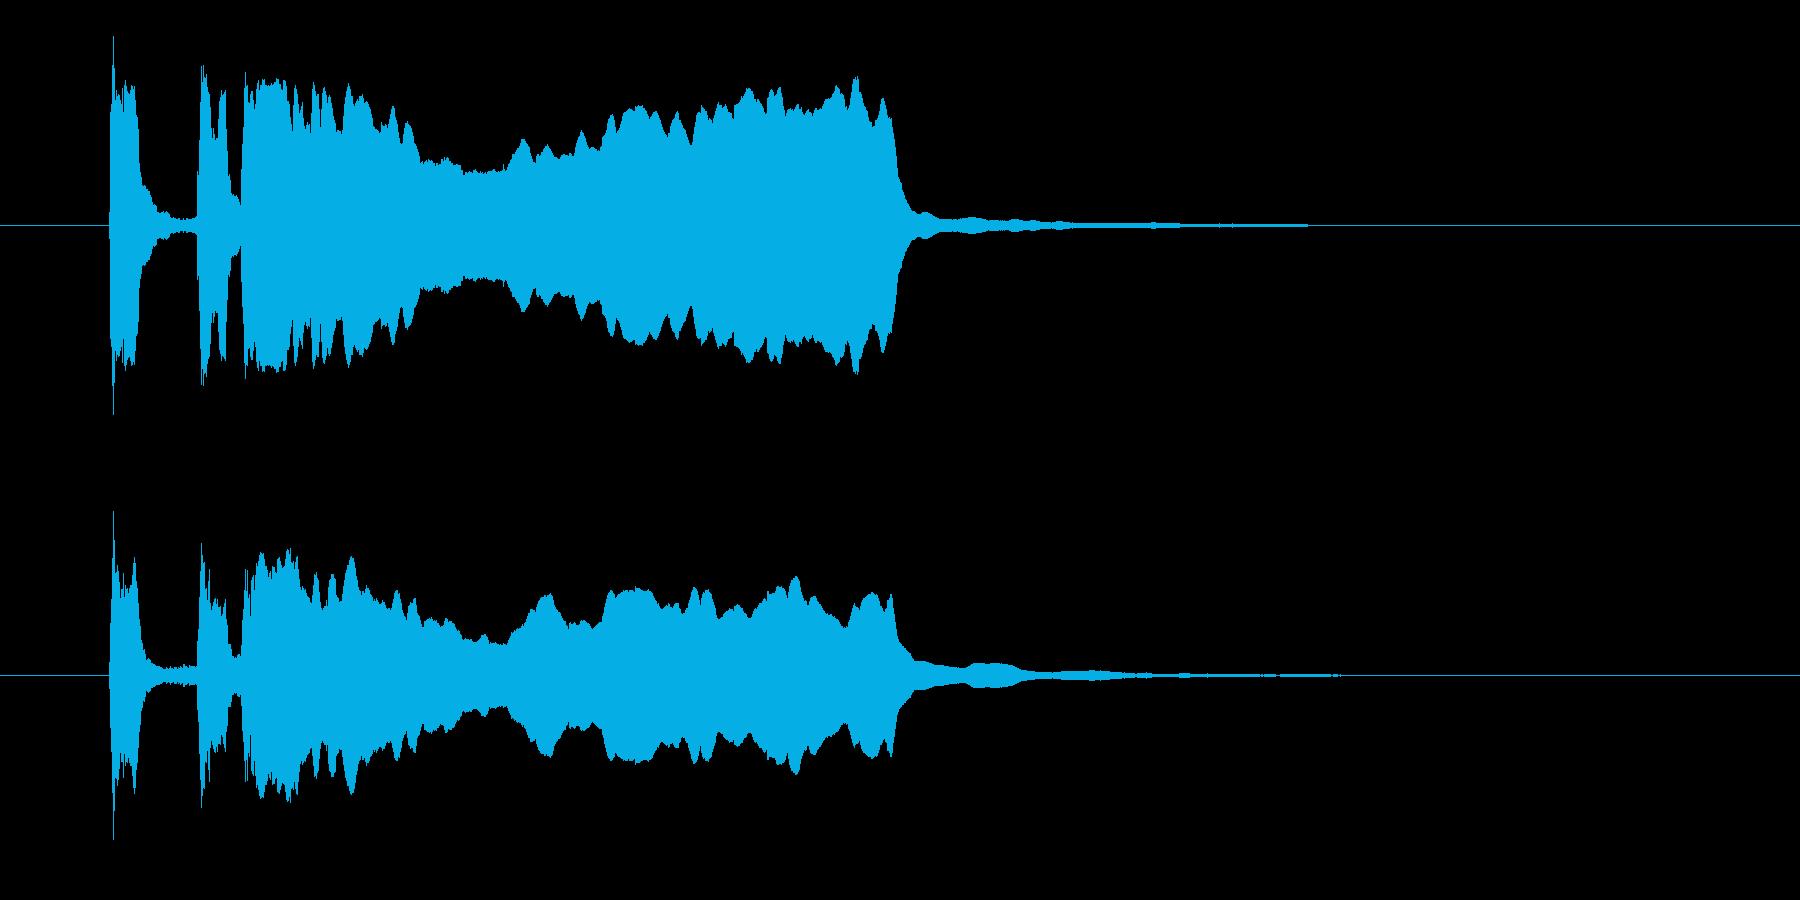 パッパパーンという晴れやかな音の再生済みの波形